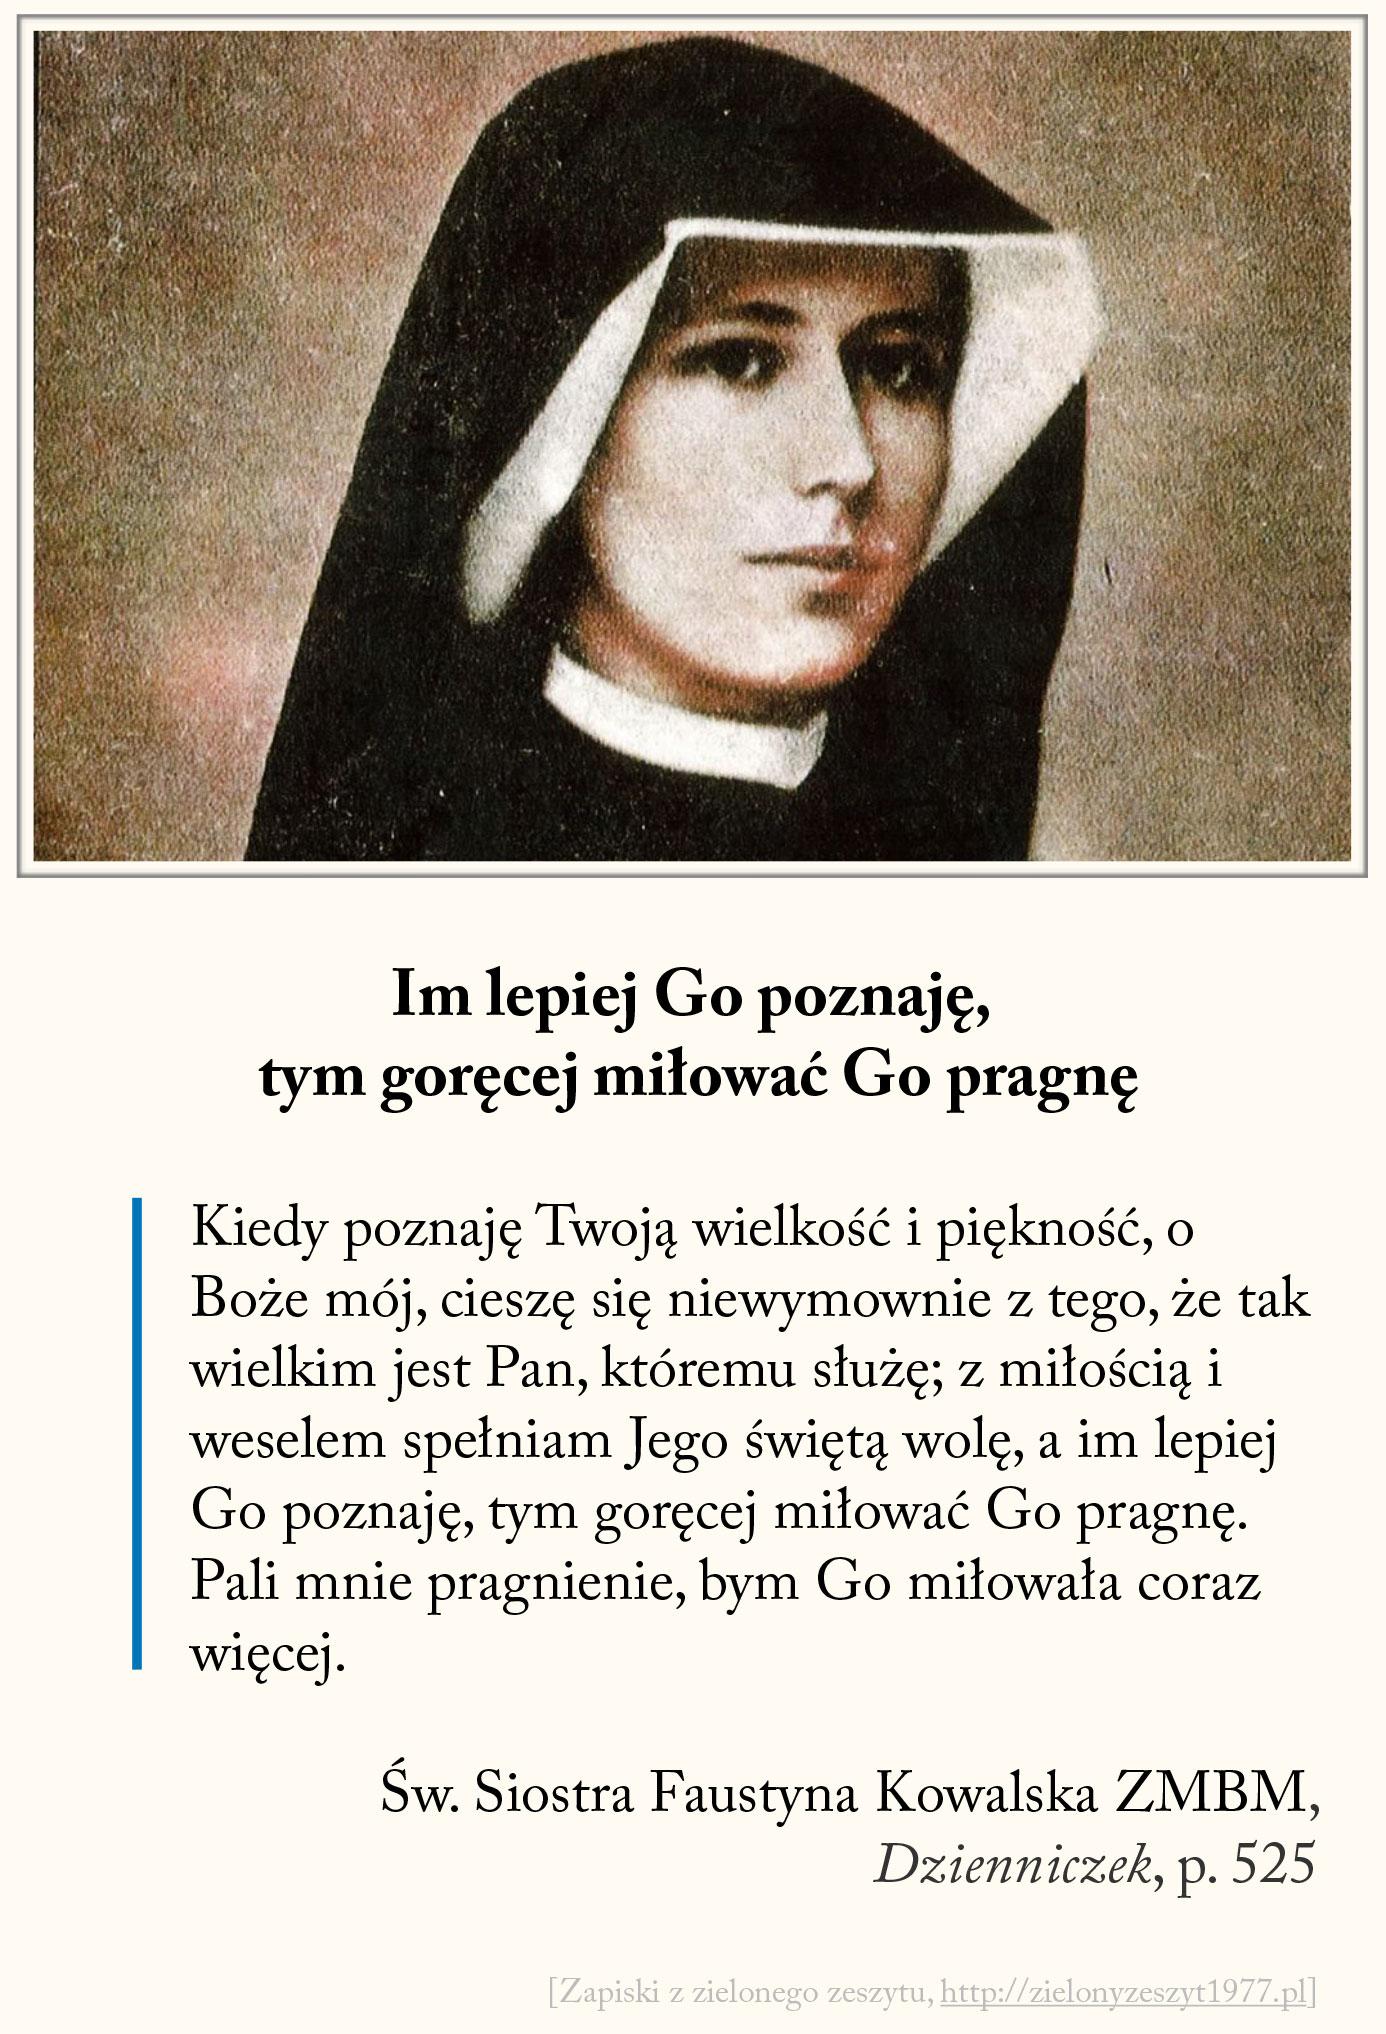 Im lepiej Go poznaję tym goręcej miłować Go pragnę, św. Faustyna Kowalska